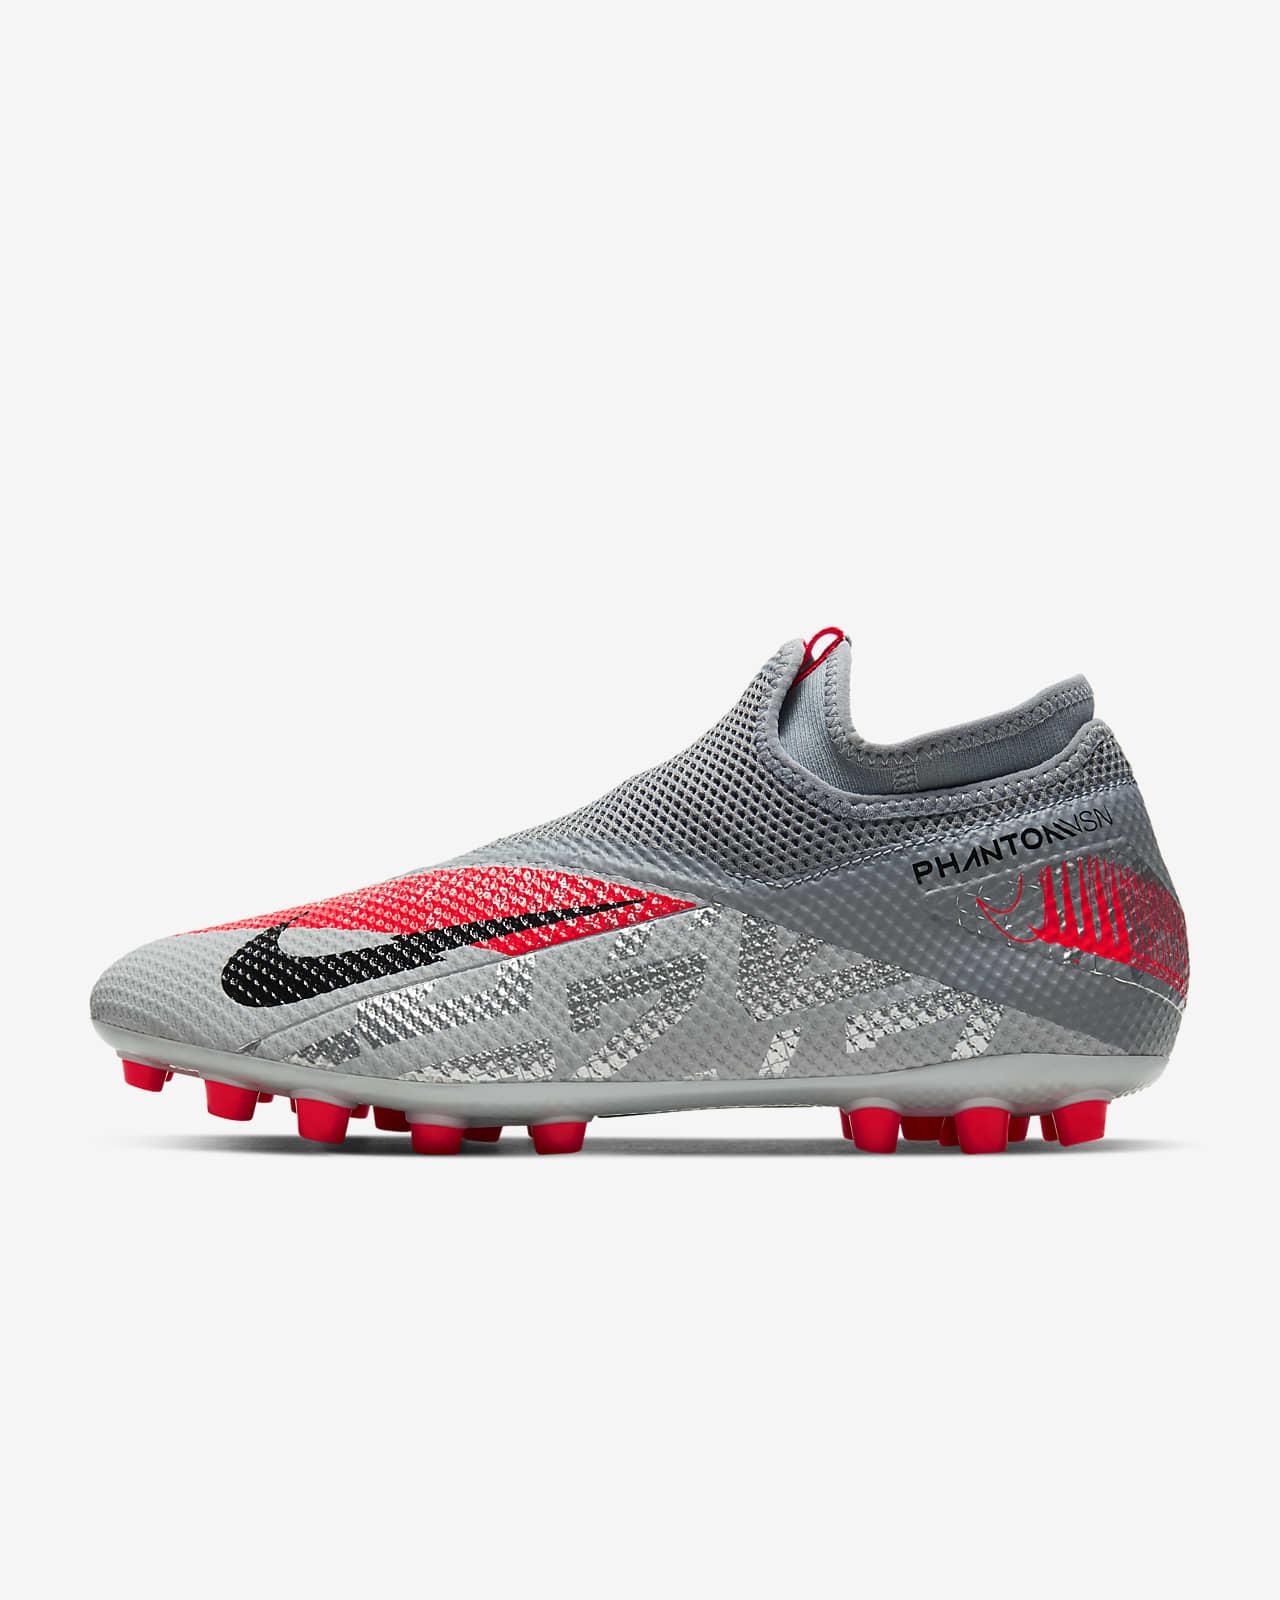 Fotbollssko för konstgräs Nike Phantom Vision 2 Academy Dynamic Fit AG